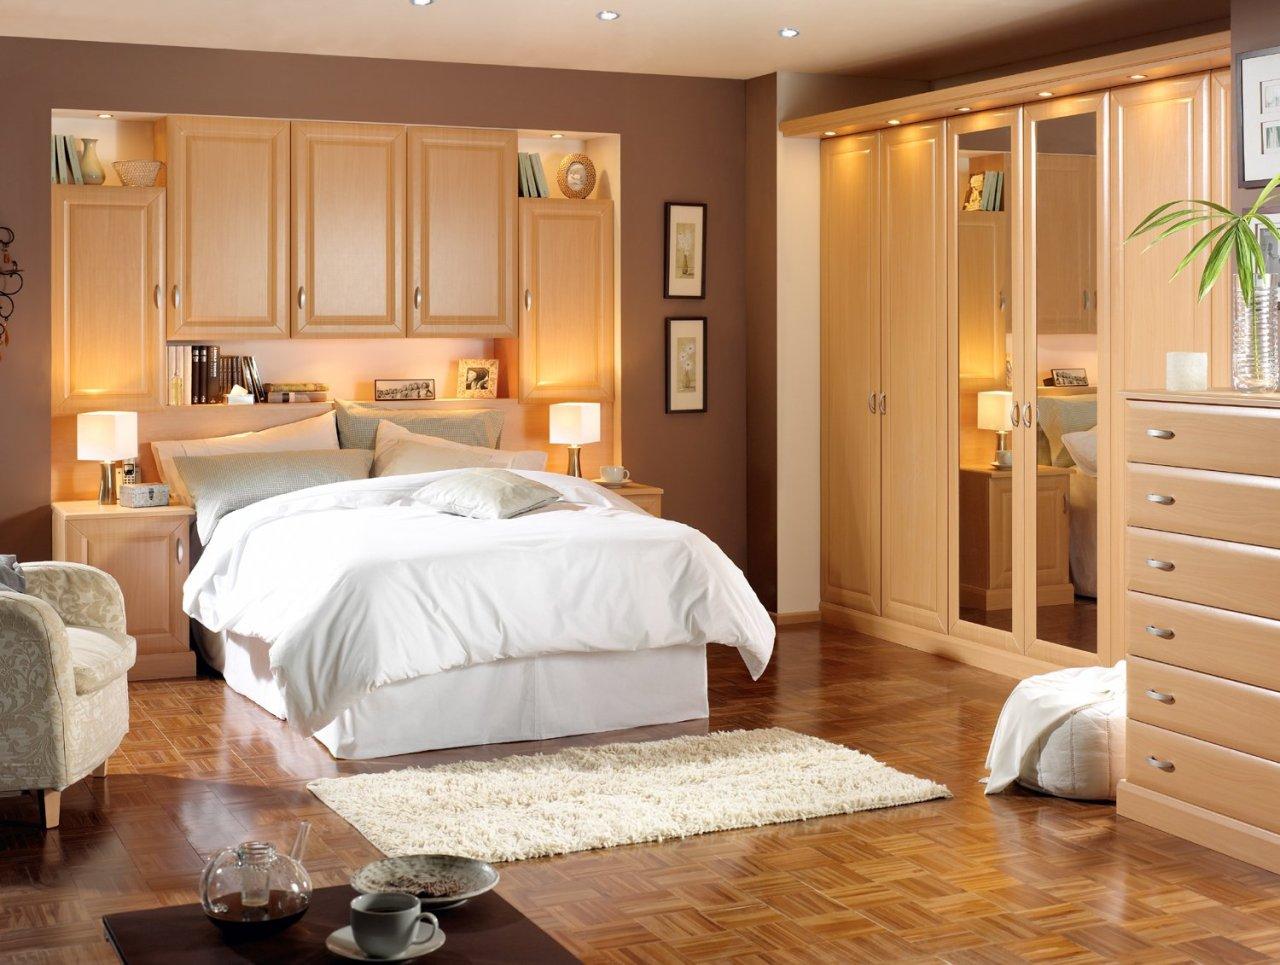 Modern clean bedroom